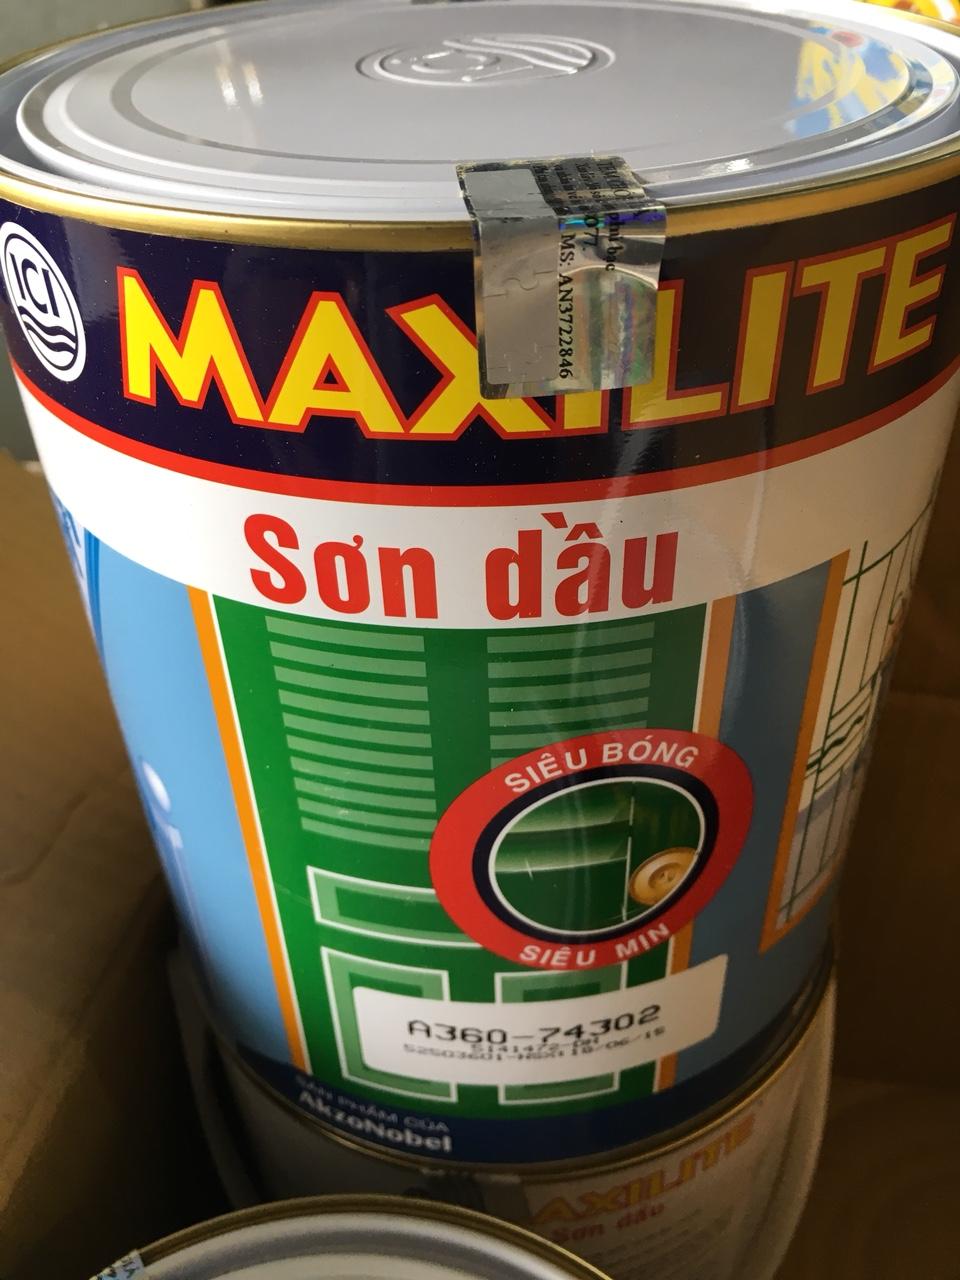 SON DAU MAXILITE MAU DO 3L - 74302 (1)